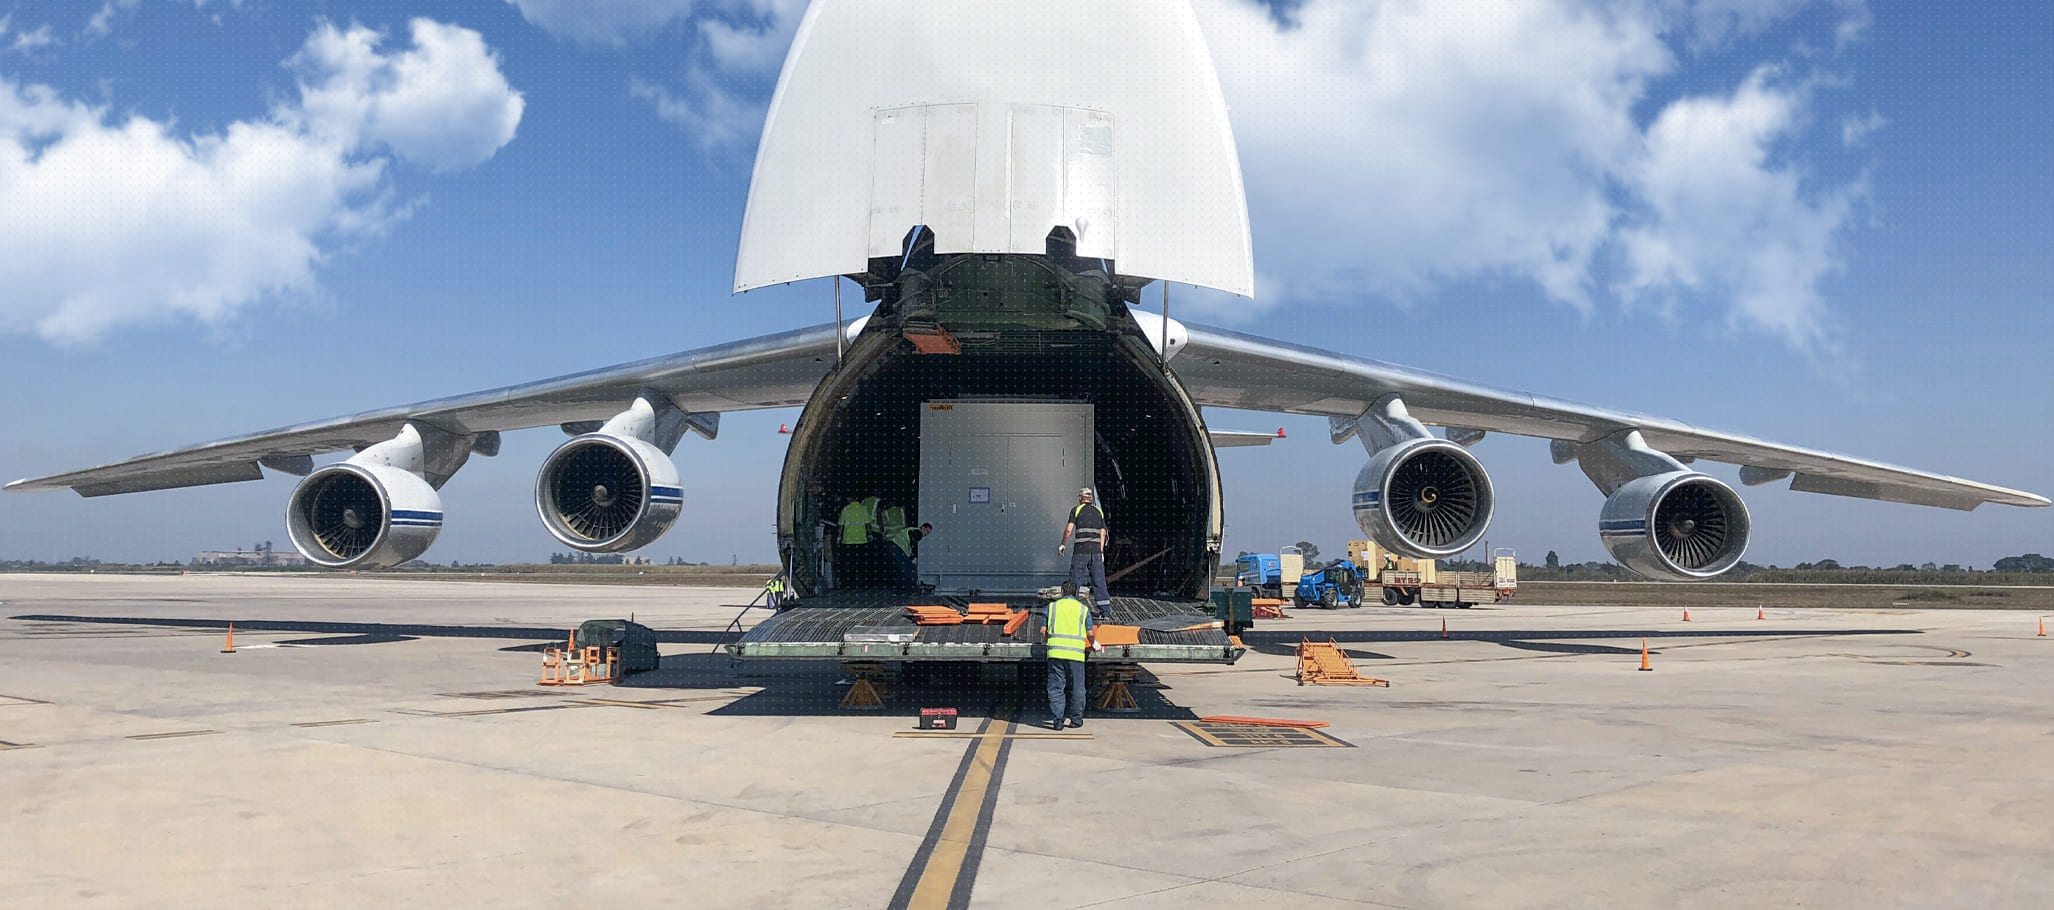 La conversion de aviones de pasajeros a aviones de carga